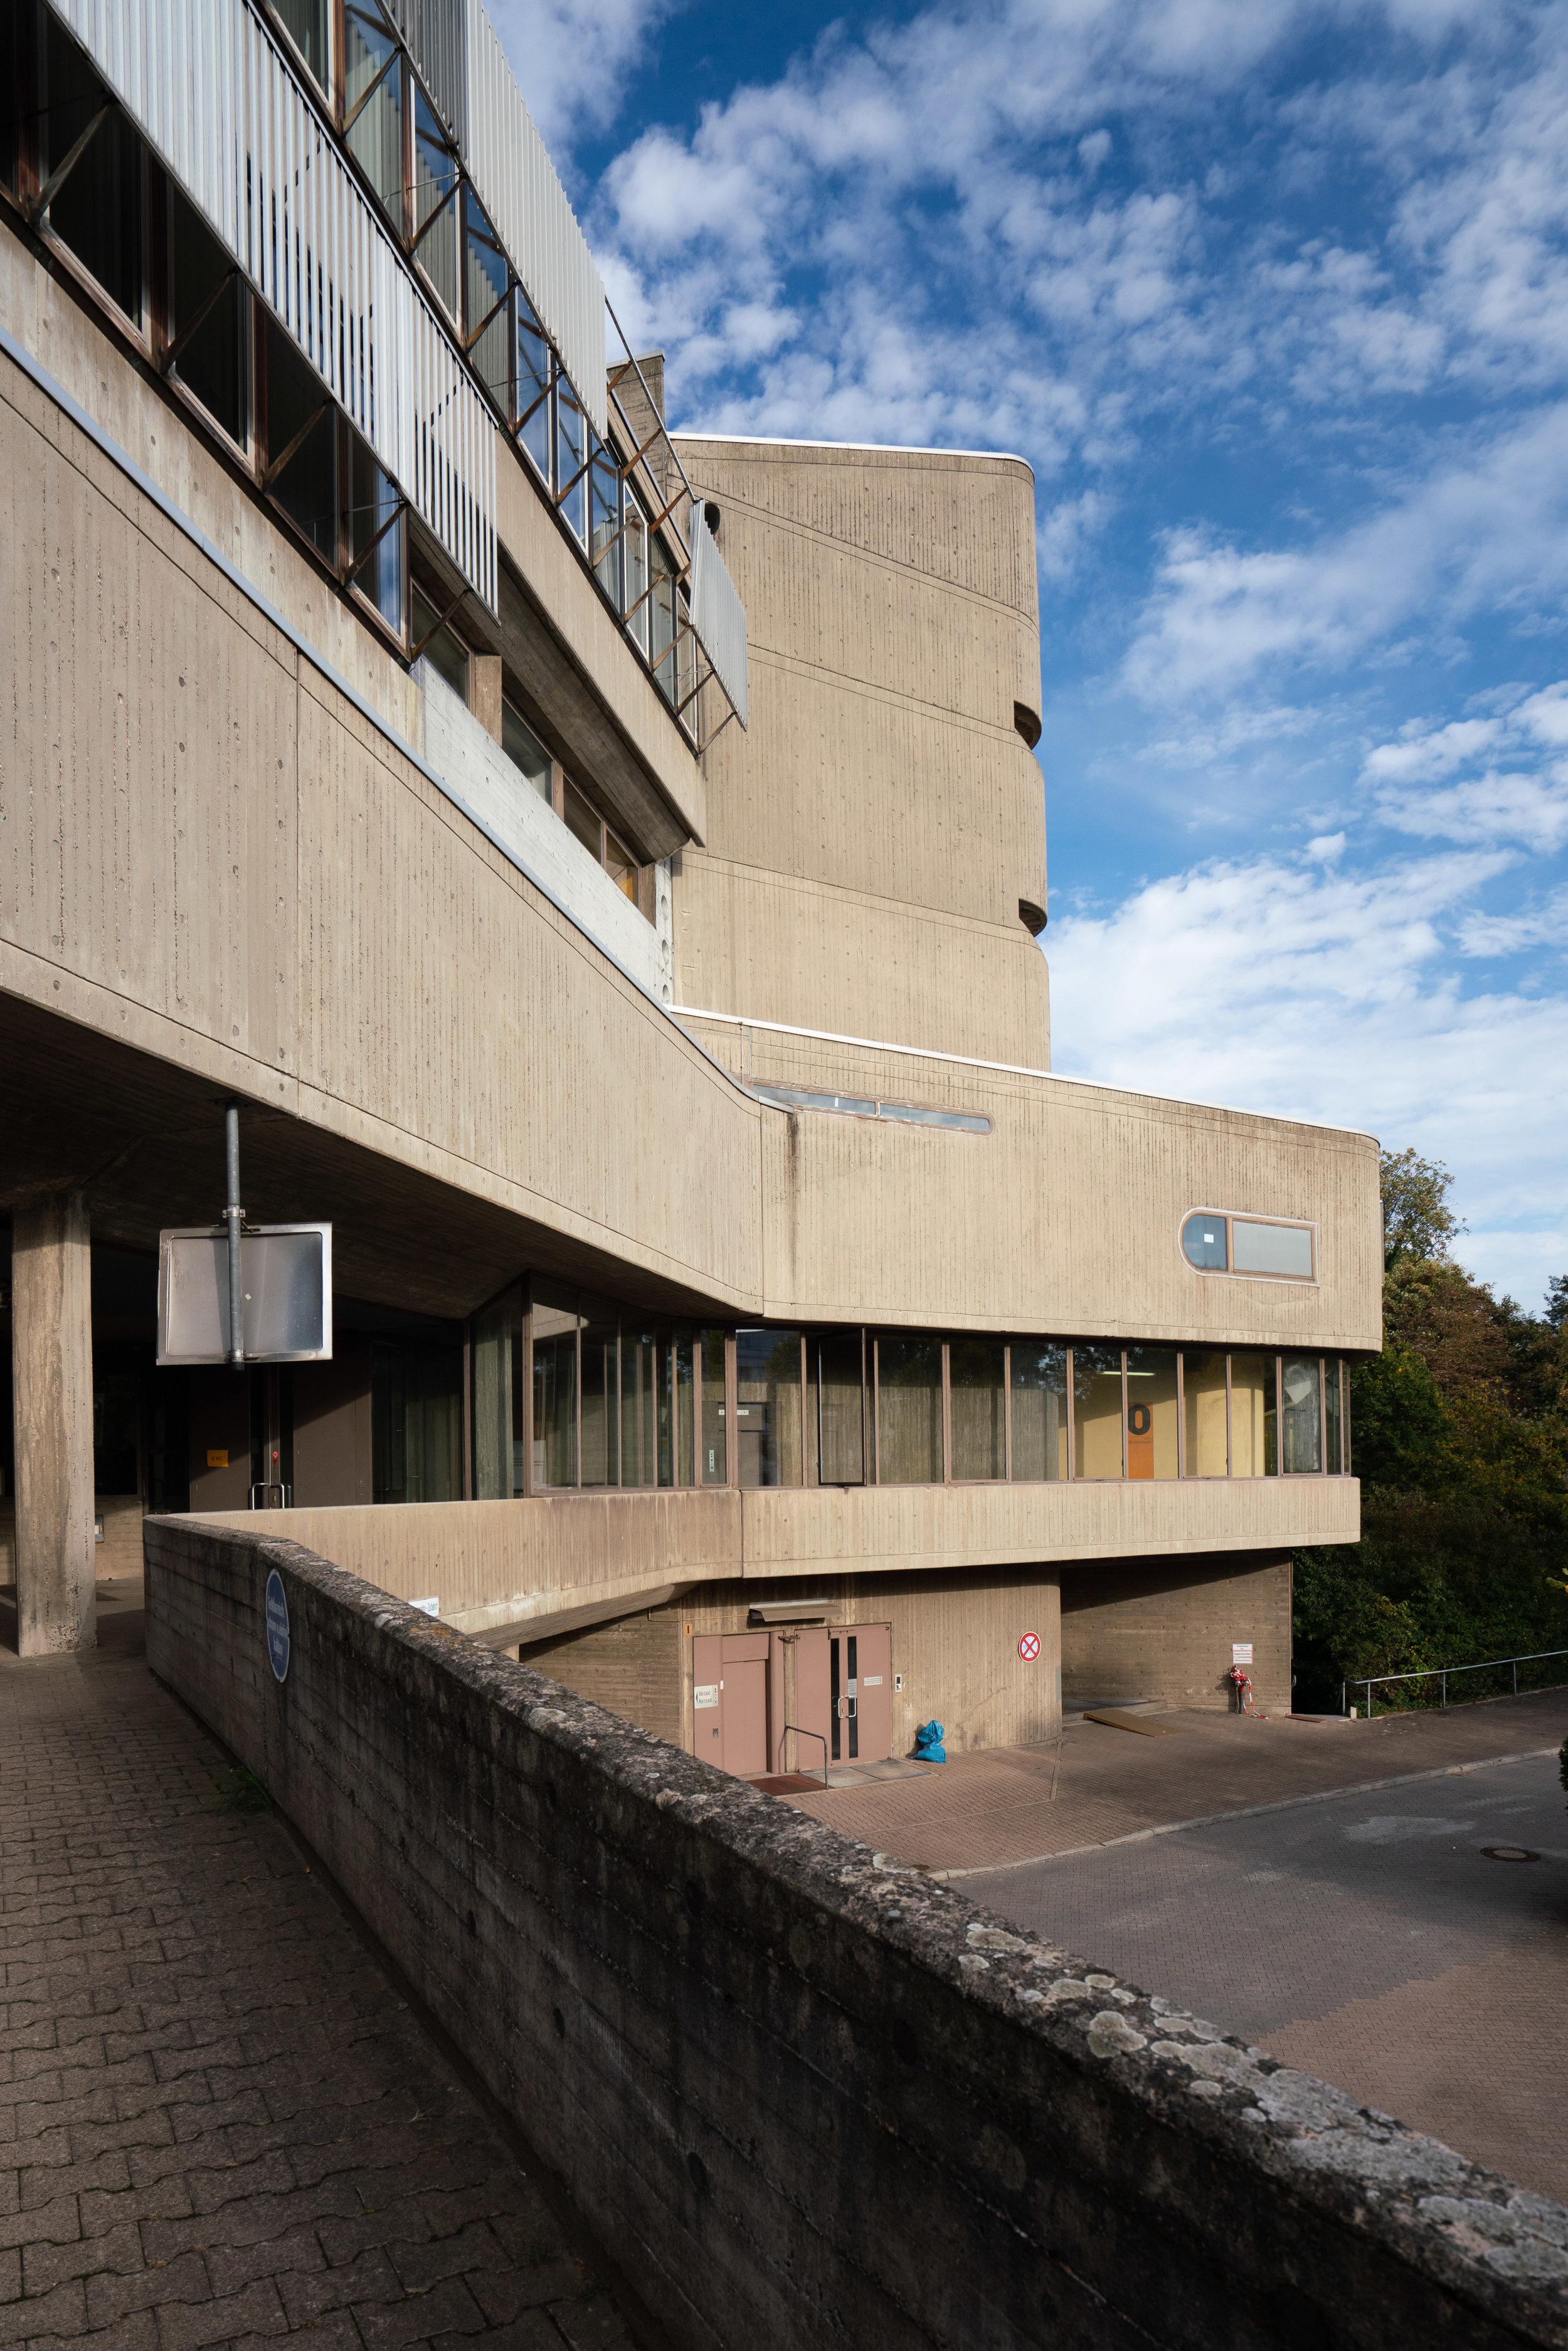 181006_Fehling+Gogel, Institut für Hygiene und Umweltmedizin_05.jpg